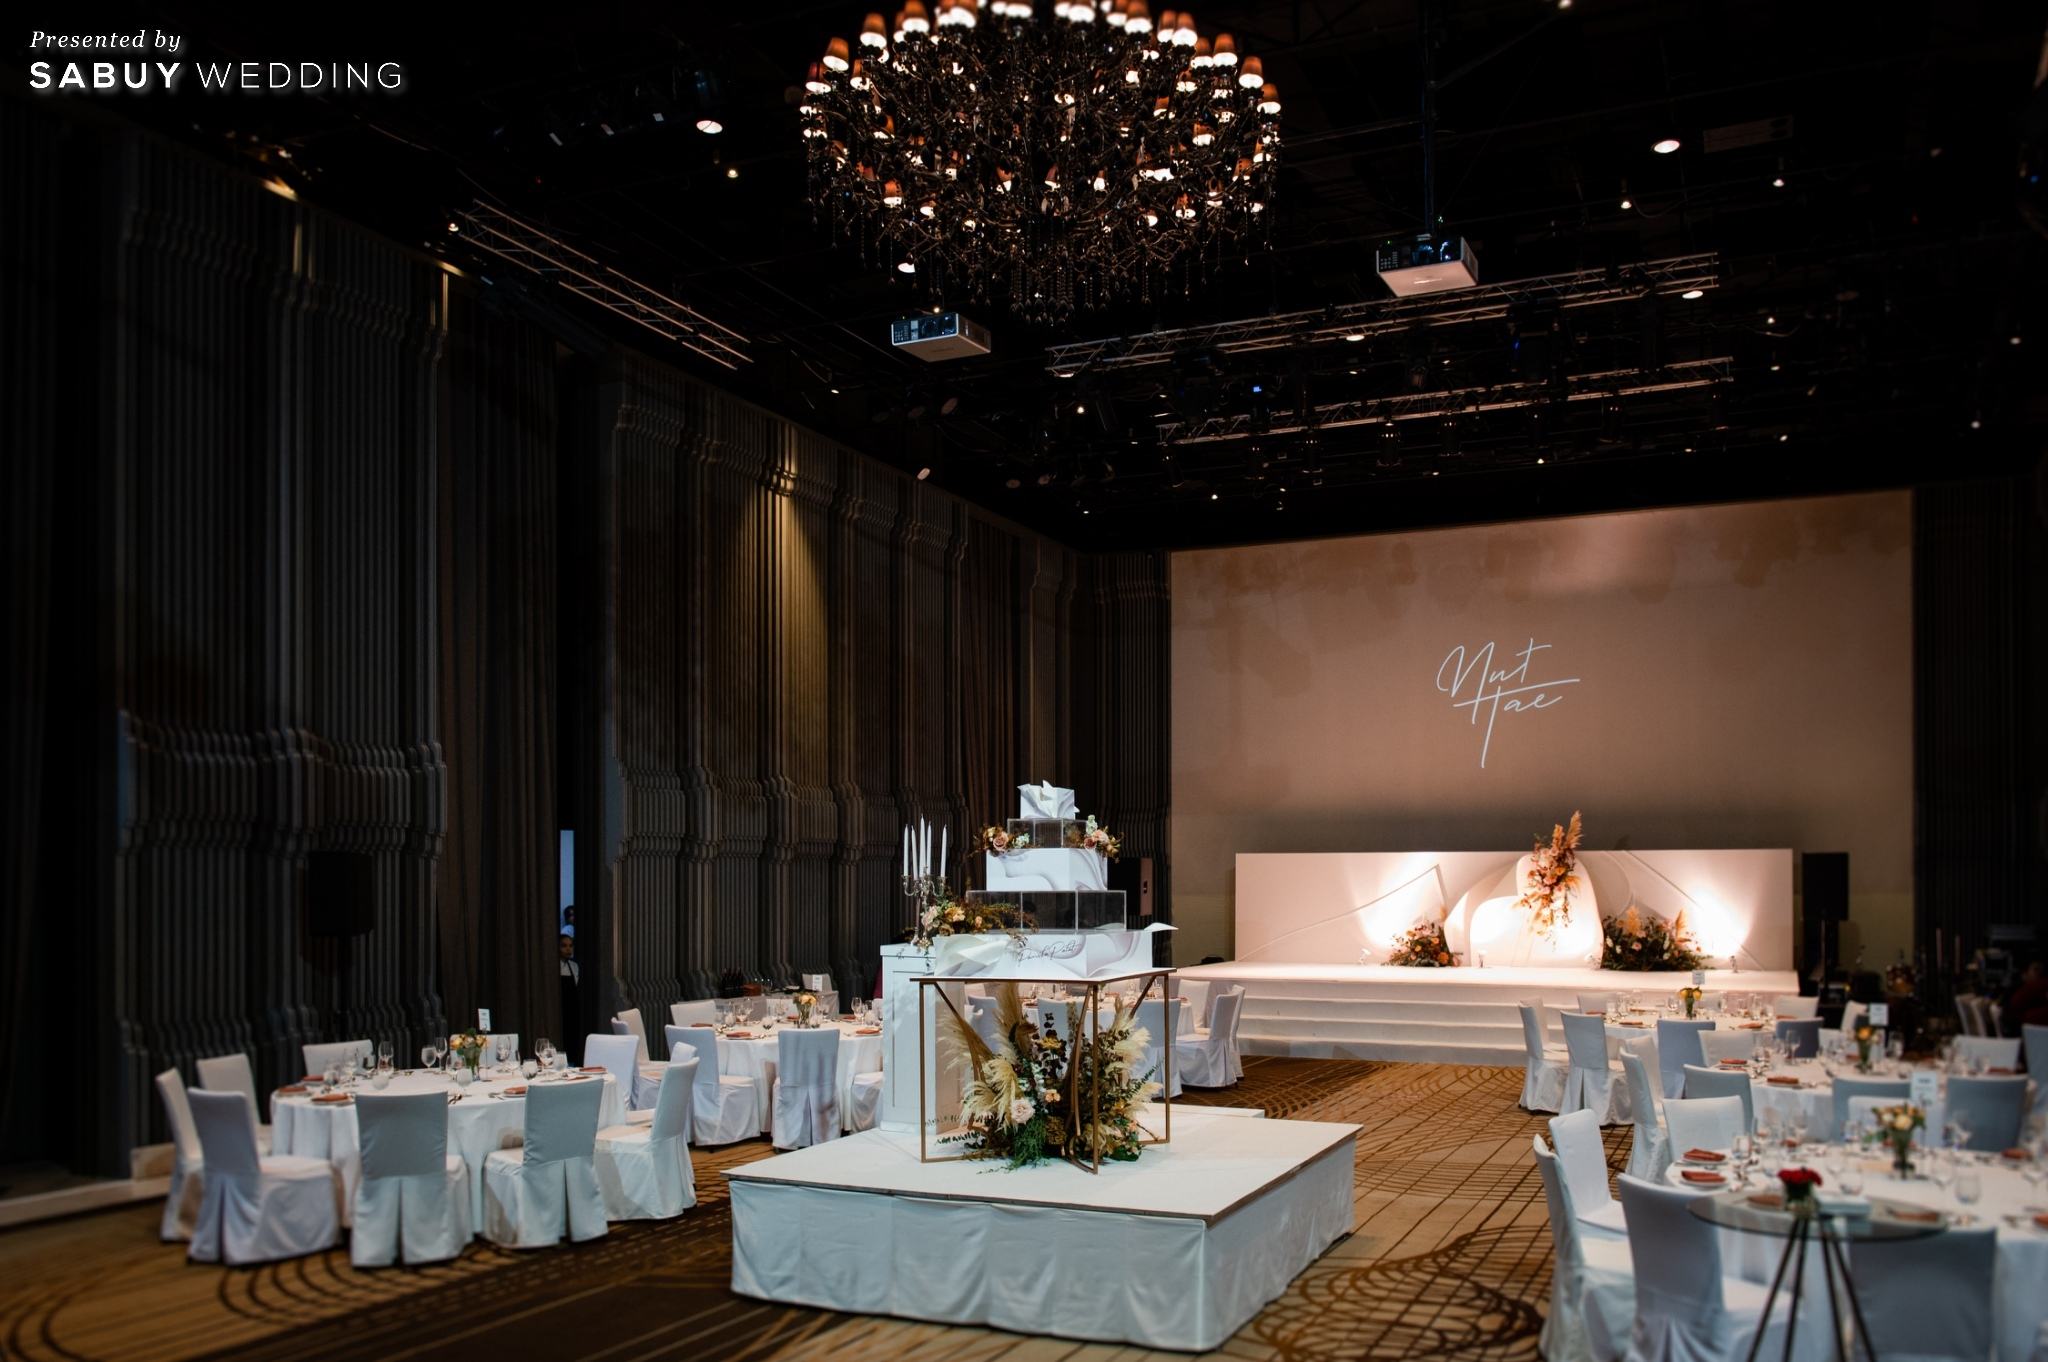 ตกแต่งงานแต่งงาน,พรีเวดดิ้ง,ออแกไนเซอร์ รีวิวงานแต่งฟีล Luxury สวยดูดีด้วยโทนสีเบจ @ SO/ BANGKOK